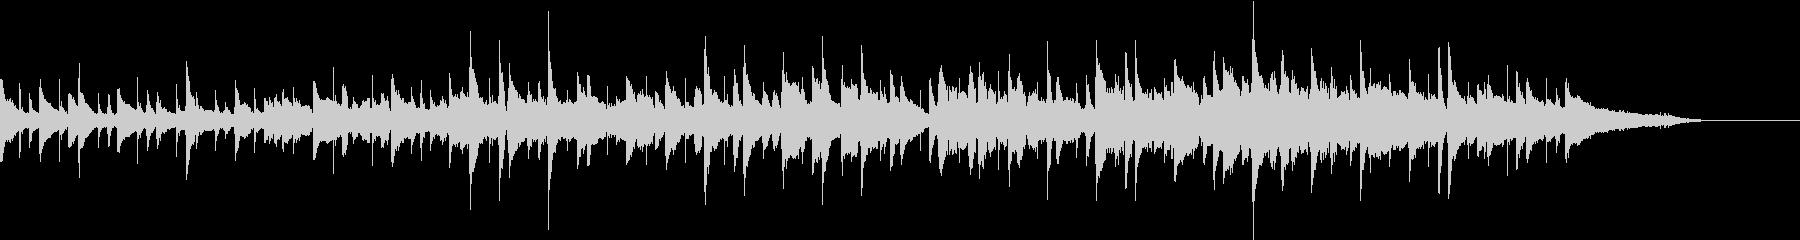 ゆったりした生演奏ソプラノSAXソロの未再生の波形